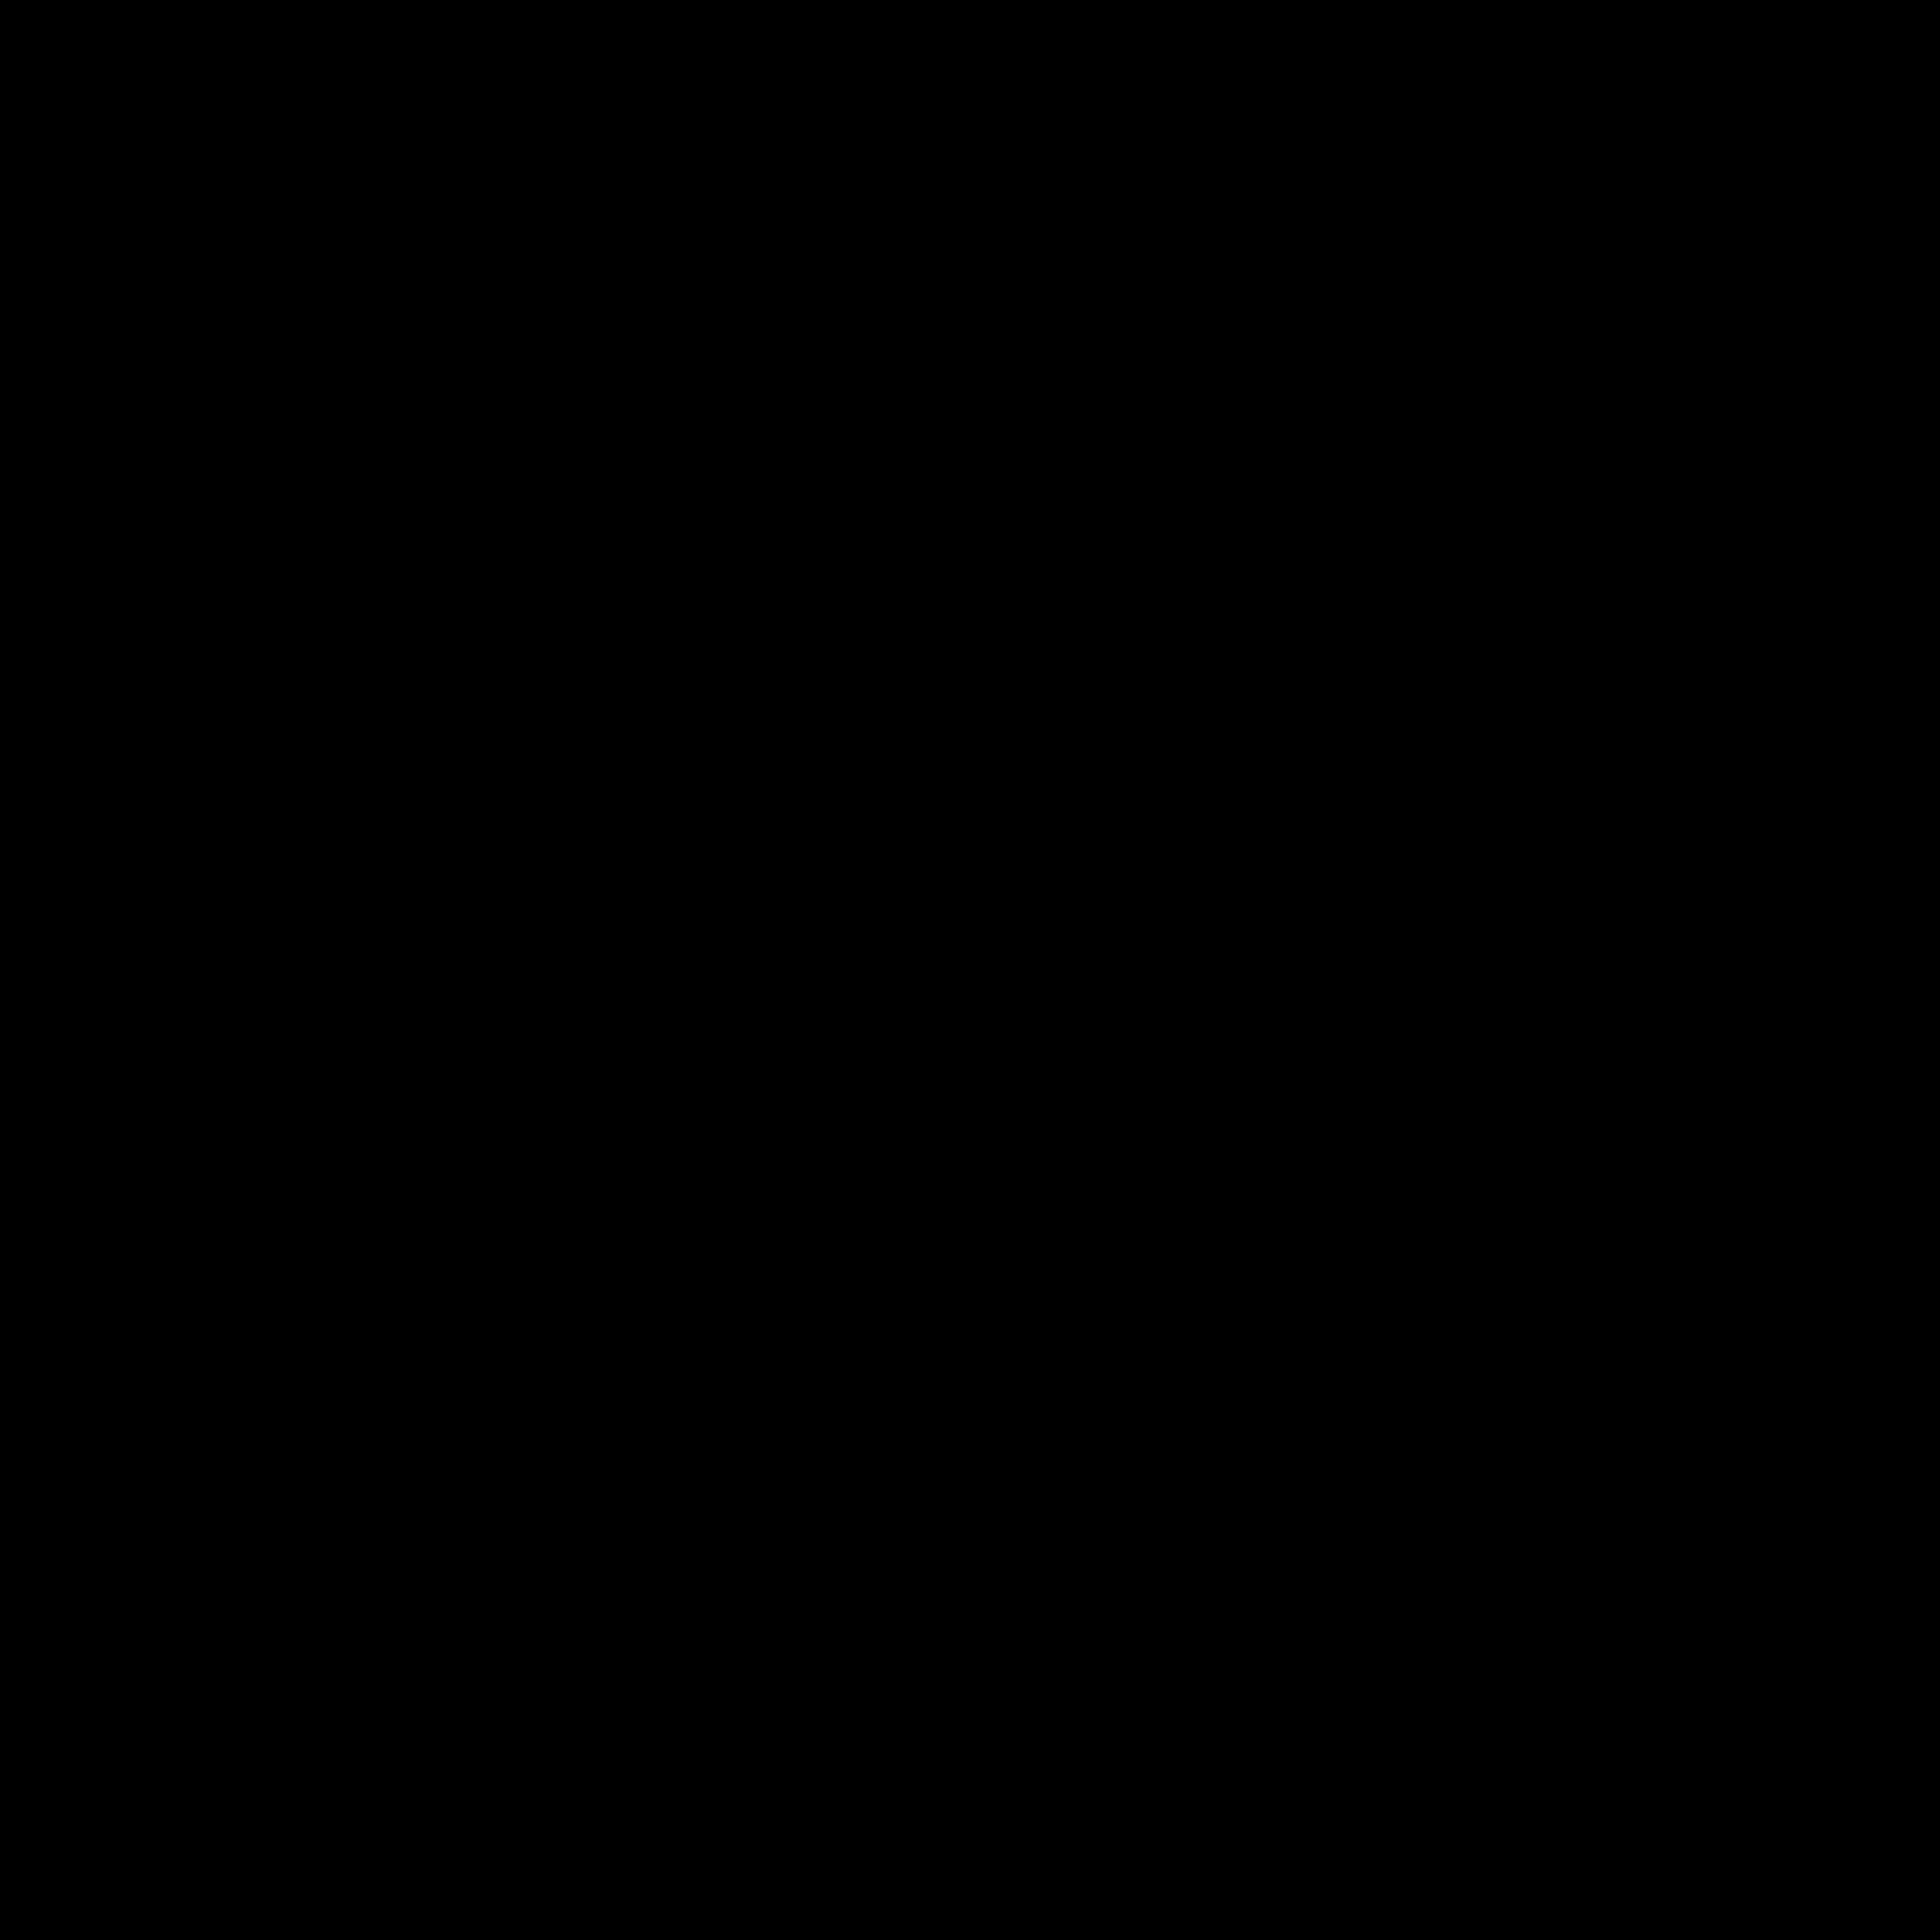 photos officielles 121dc fe4b3 Chaussures de basketball enfant | Chaussures de basket ...